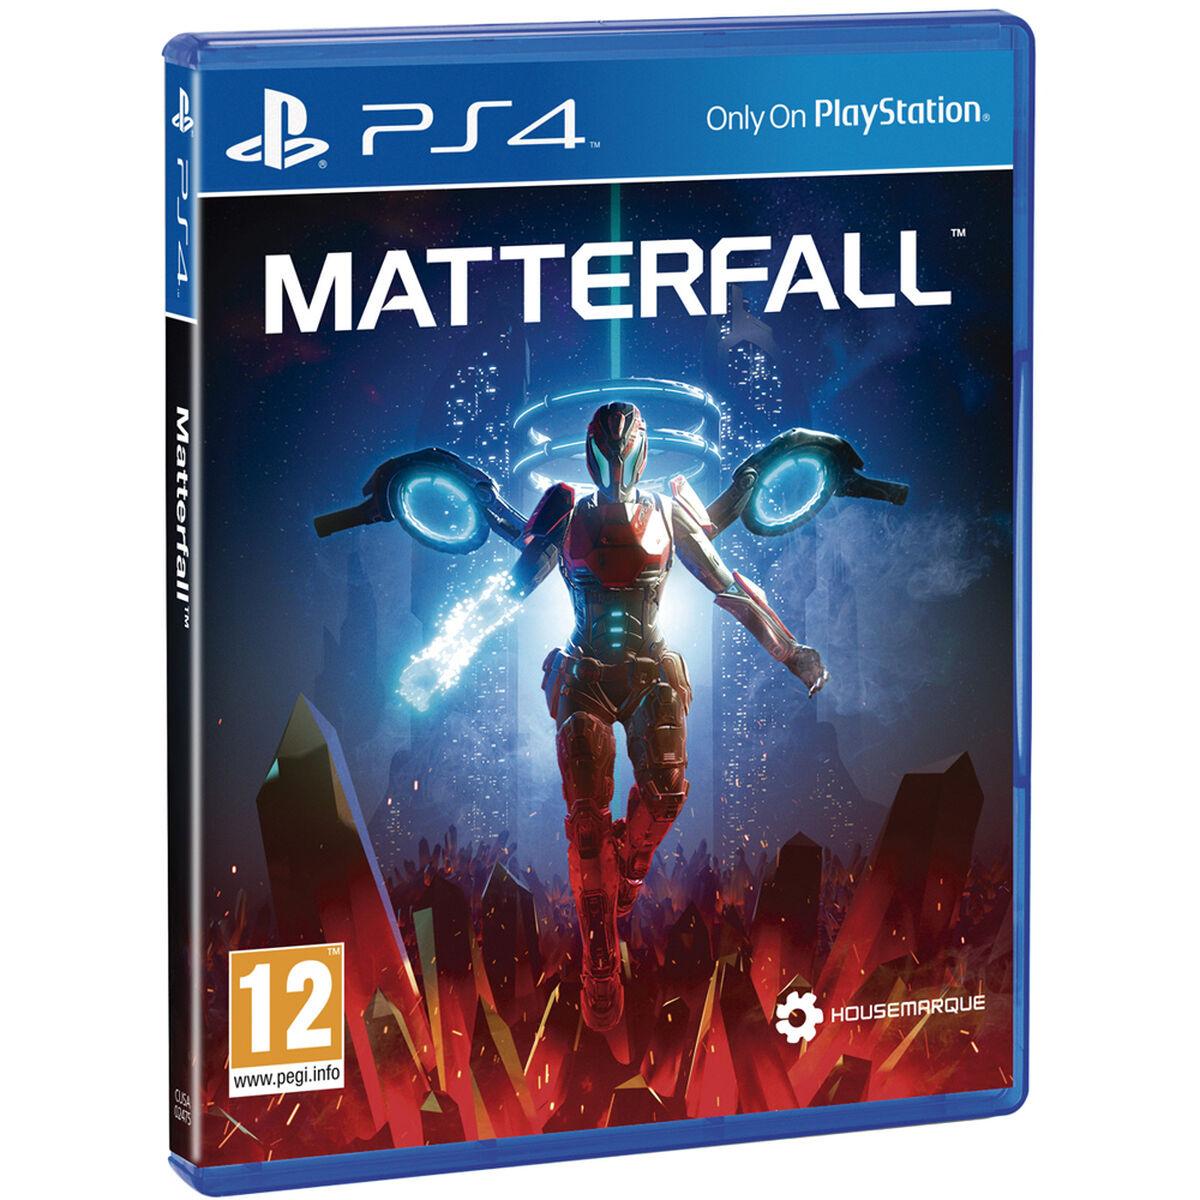 Juego PS4 Matterfall